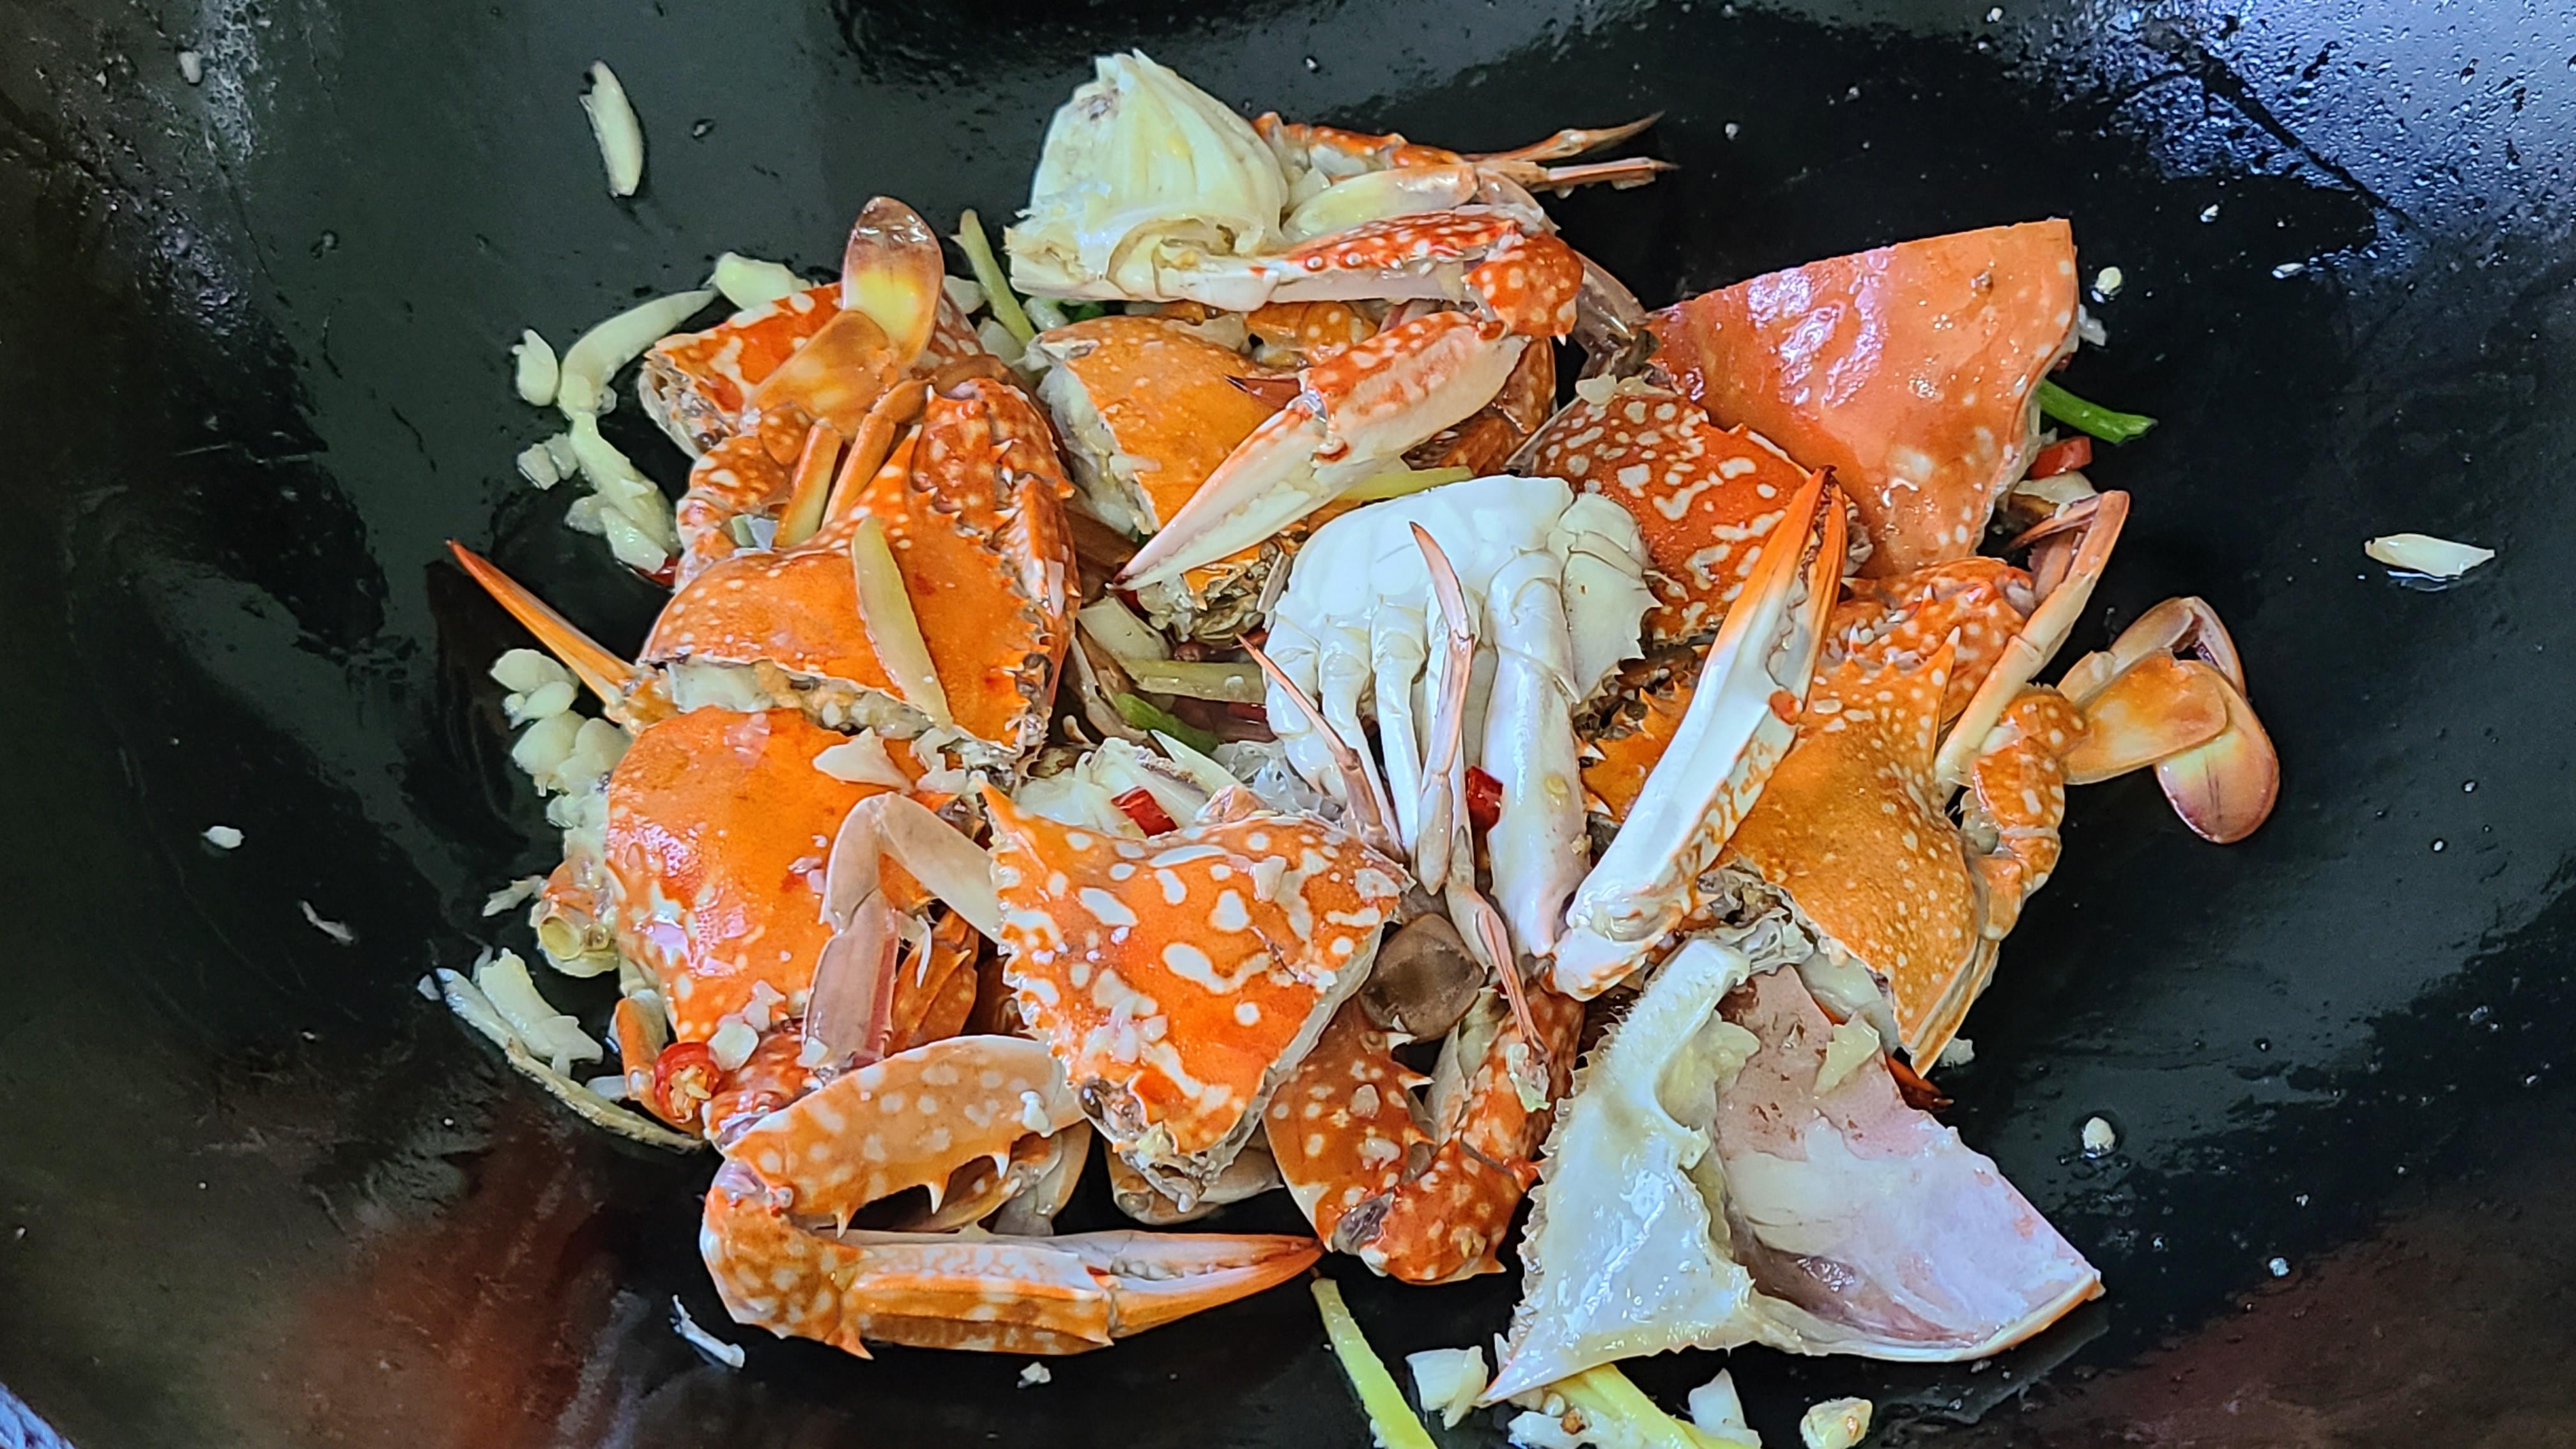 蒜蓉螃蟹的家常做法,很好吃的一道美食,简单美味,想吃就做